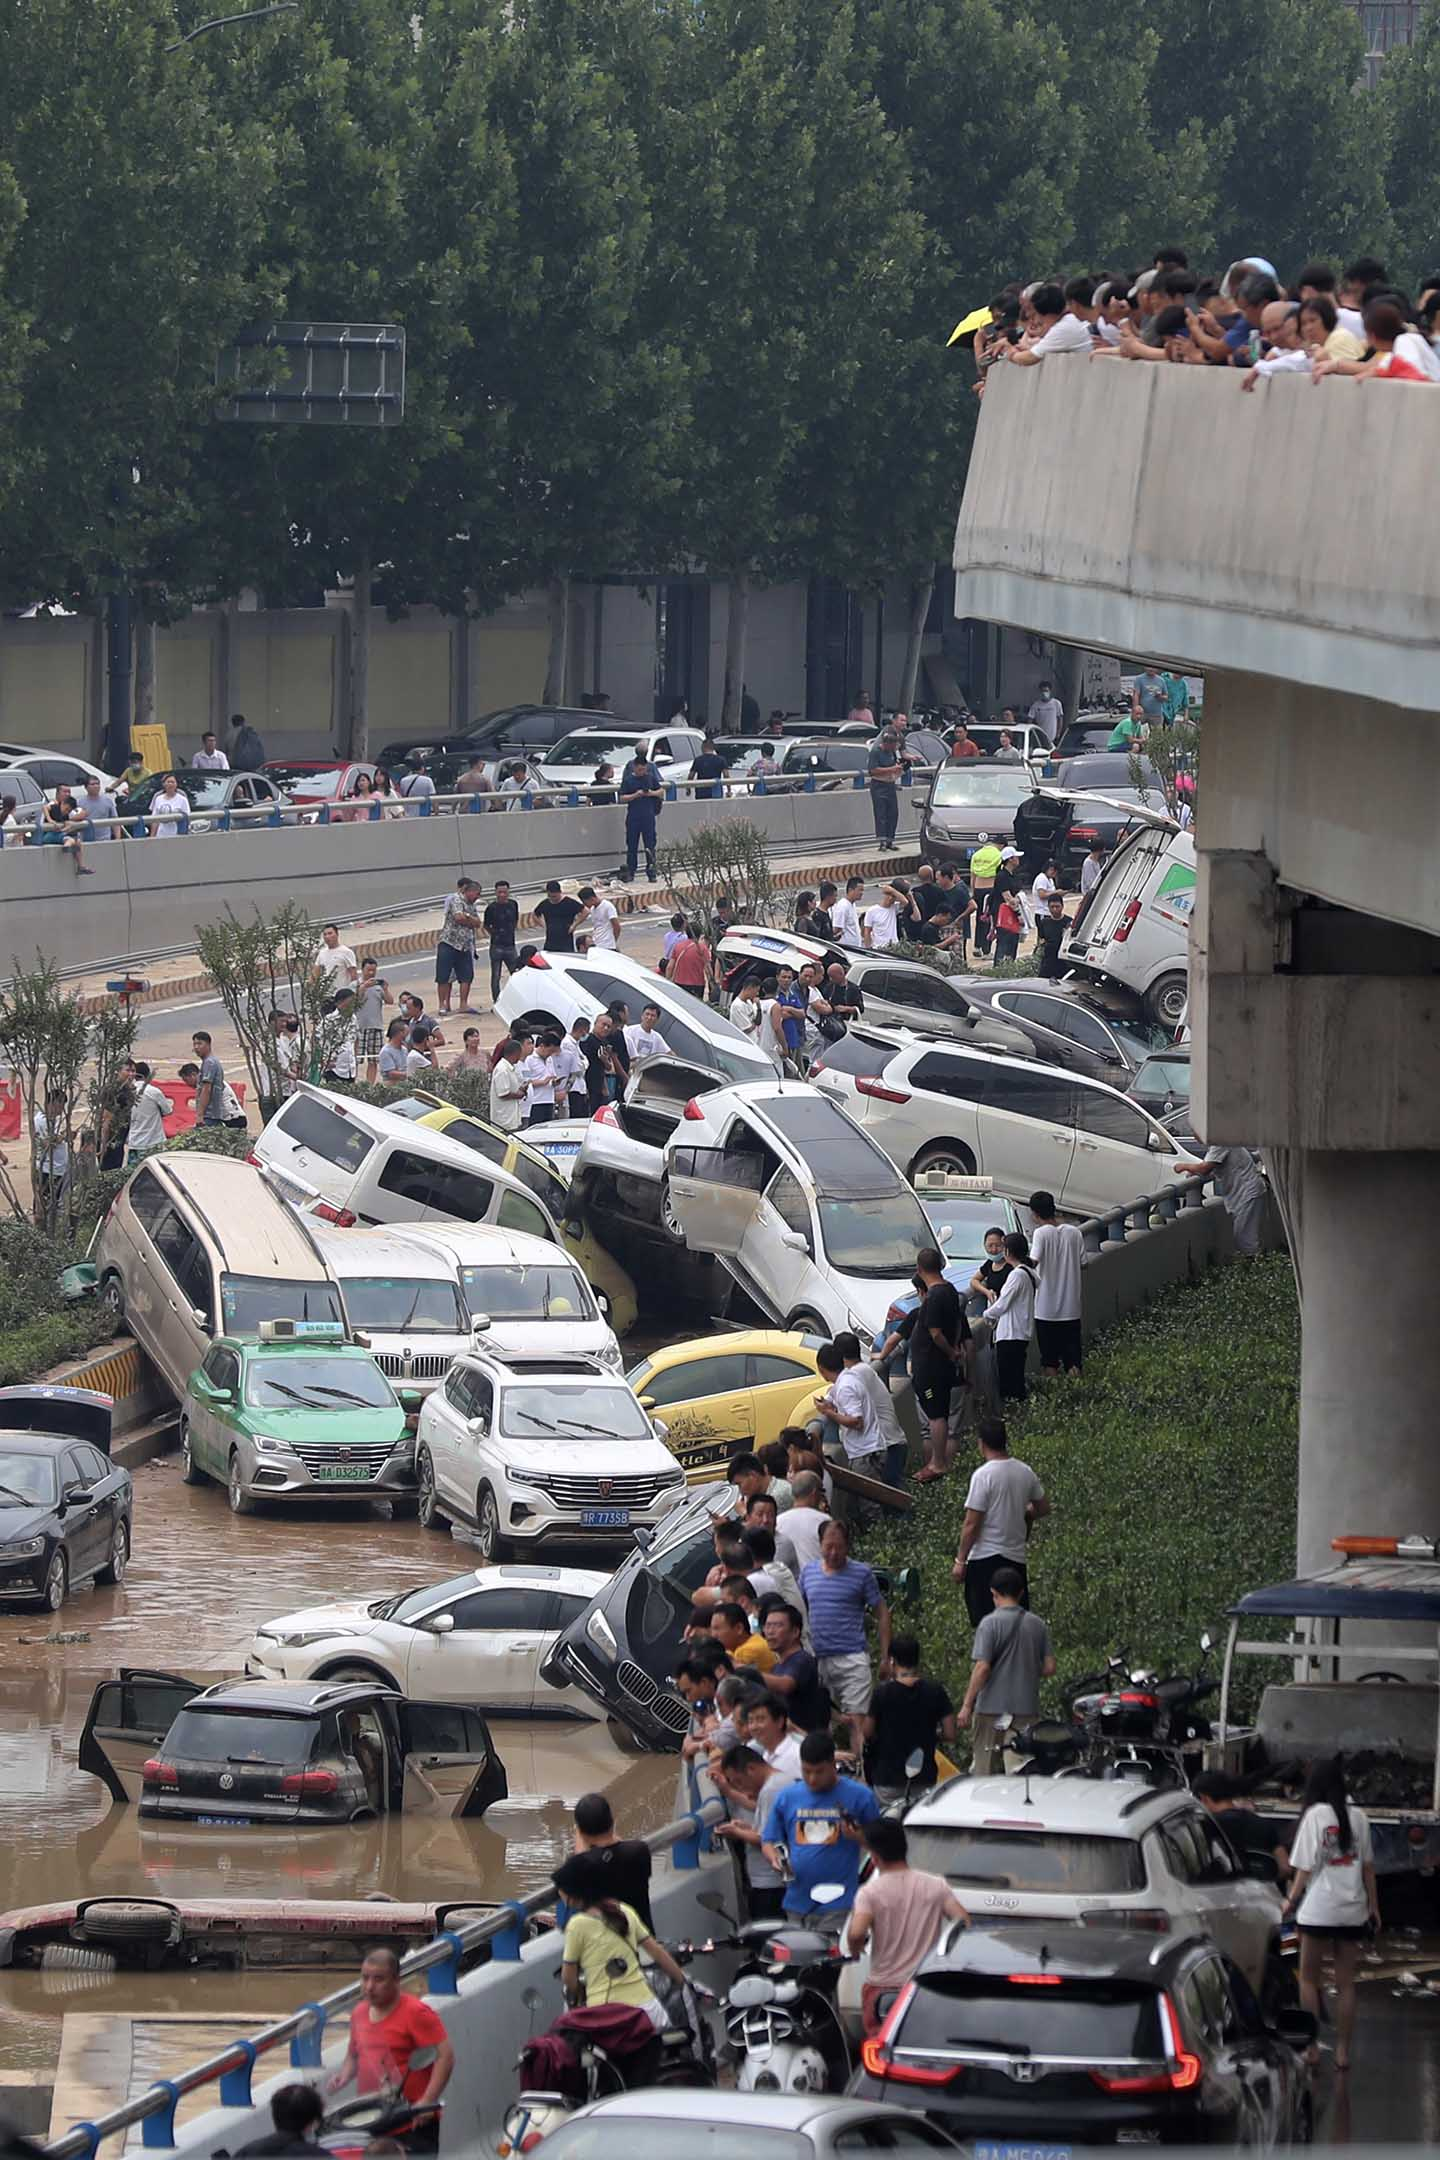 2021年7月22日中國鄭州,高速公路隧道入口處,在洪水中損壞的汽車。